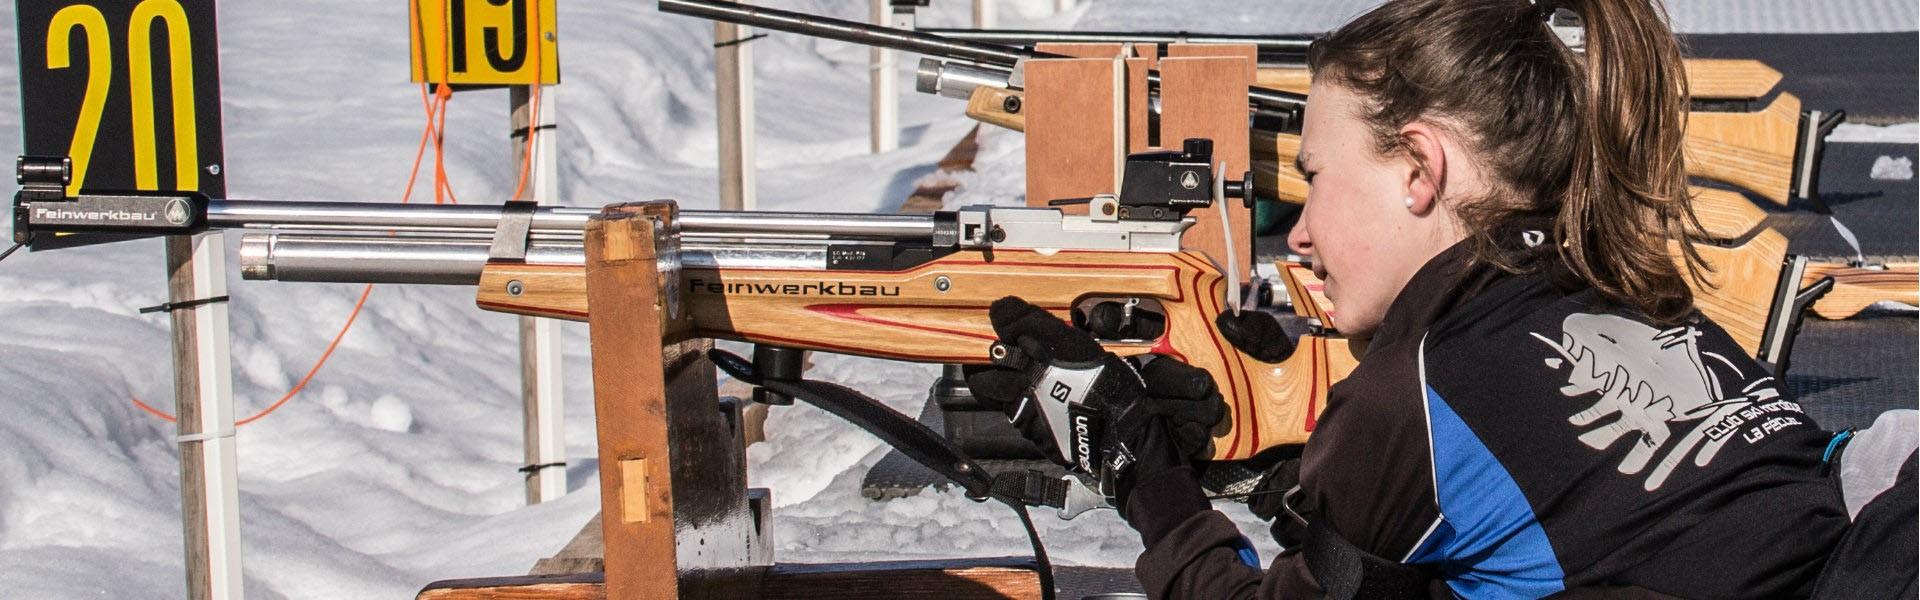 biathlon-23-116-211